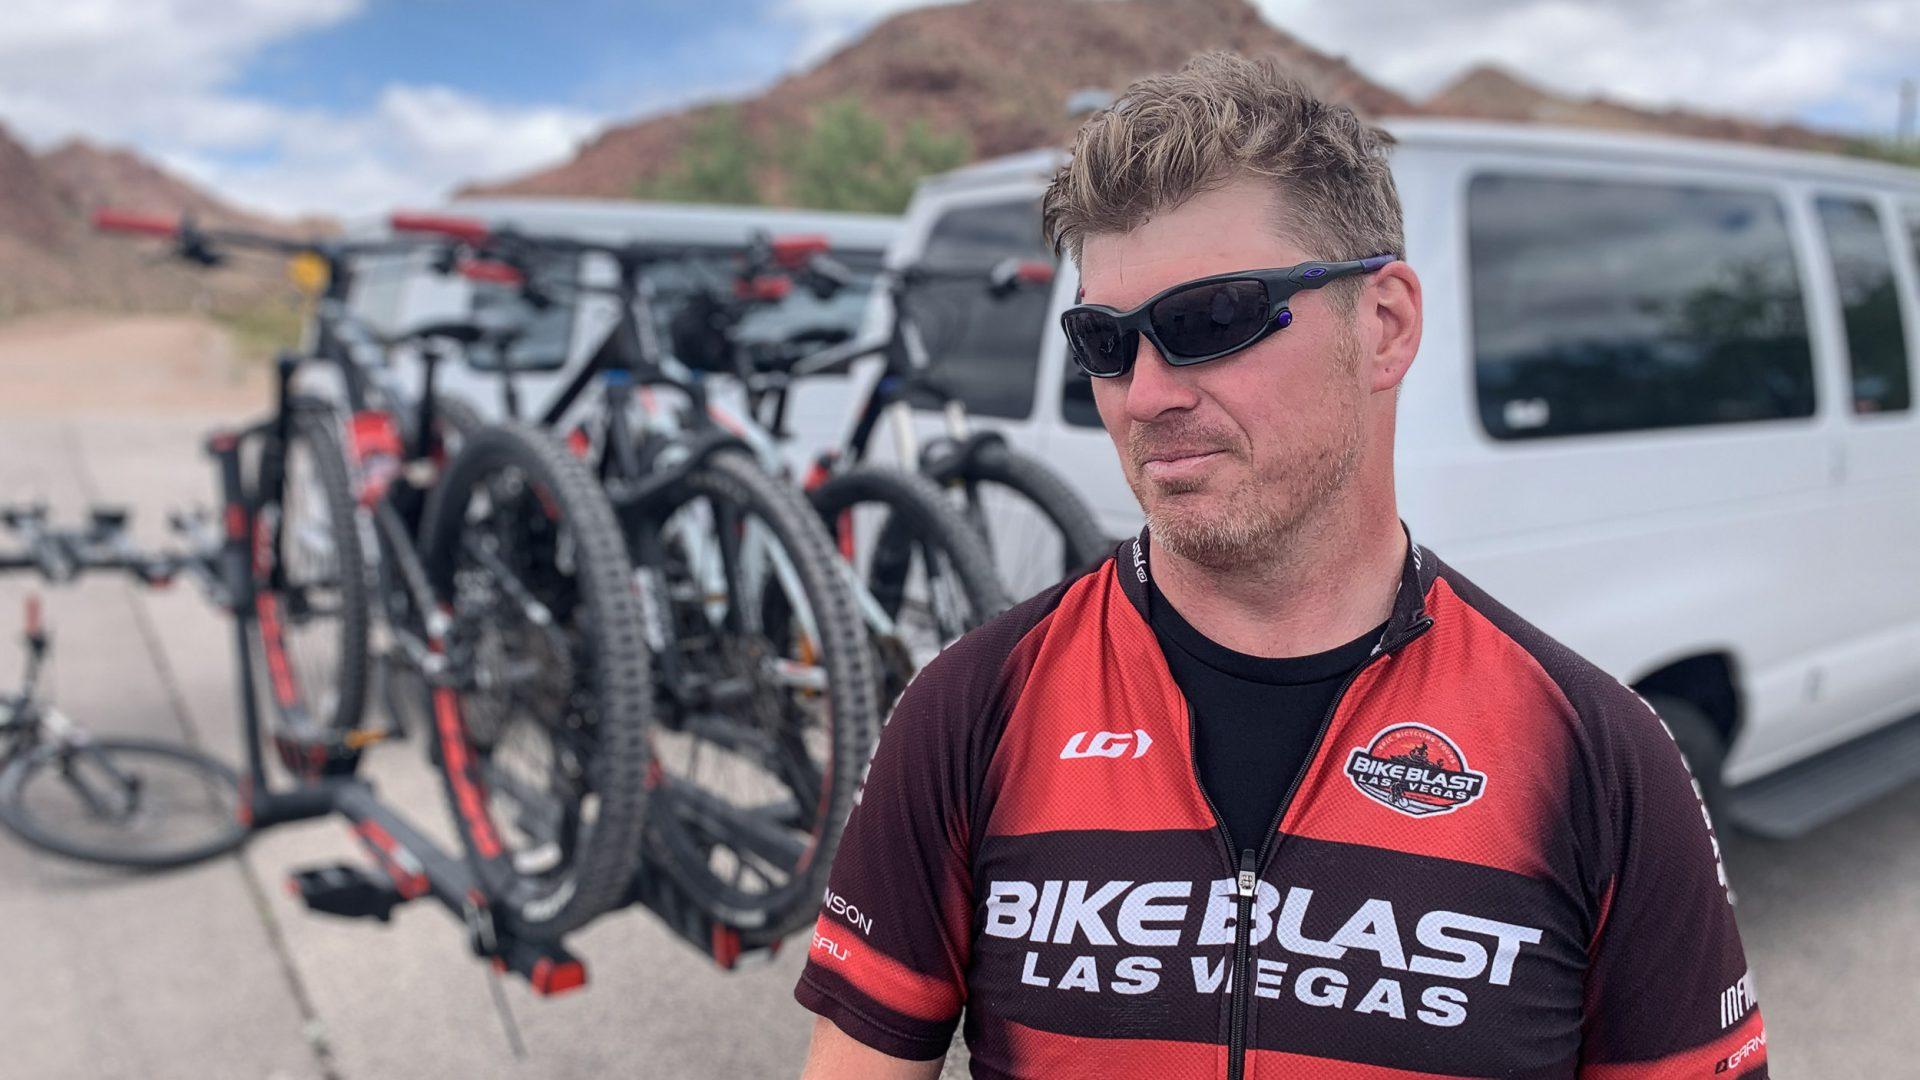 Geoff Flegal of Bike Blast, Las Vegas.